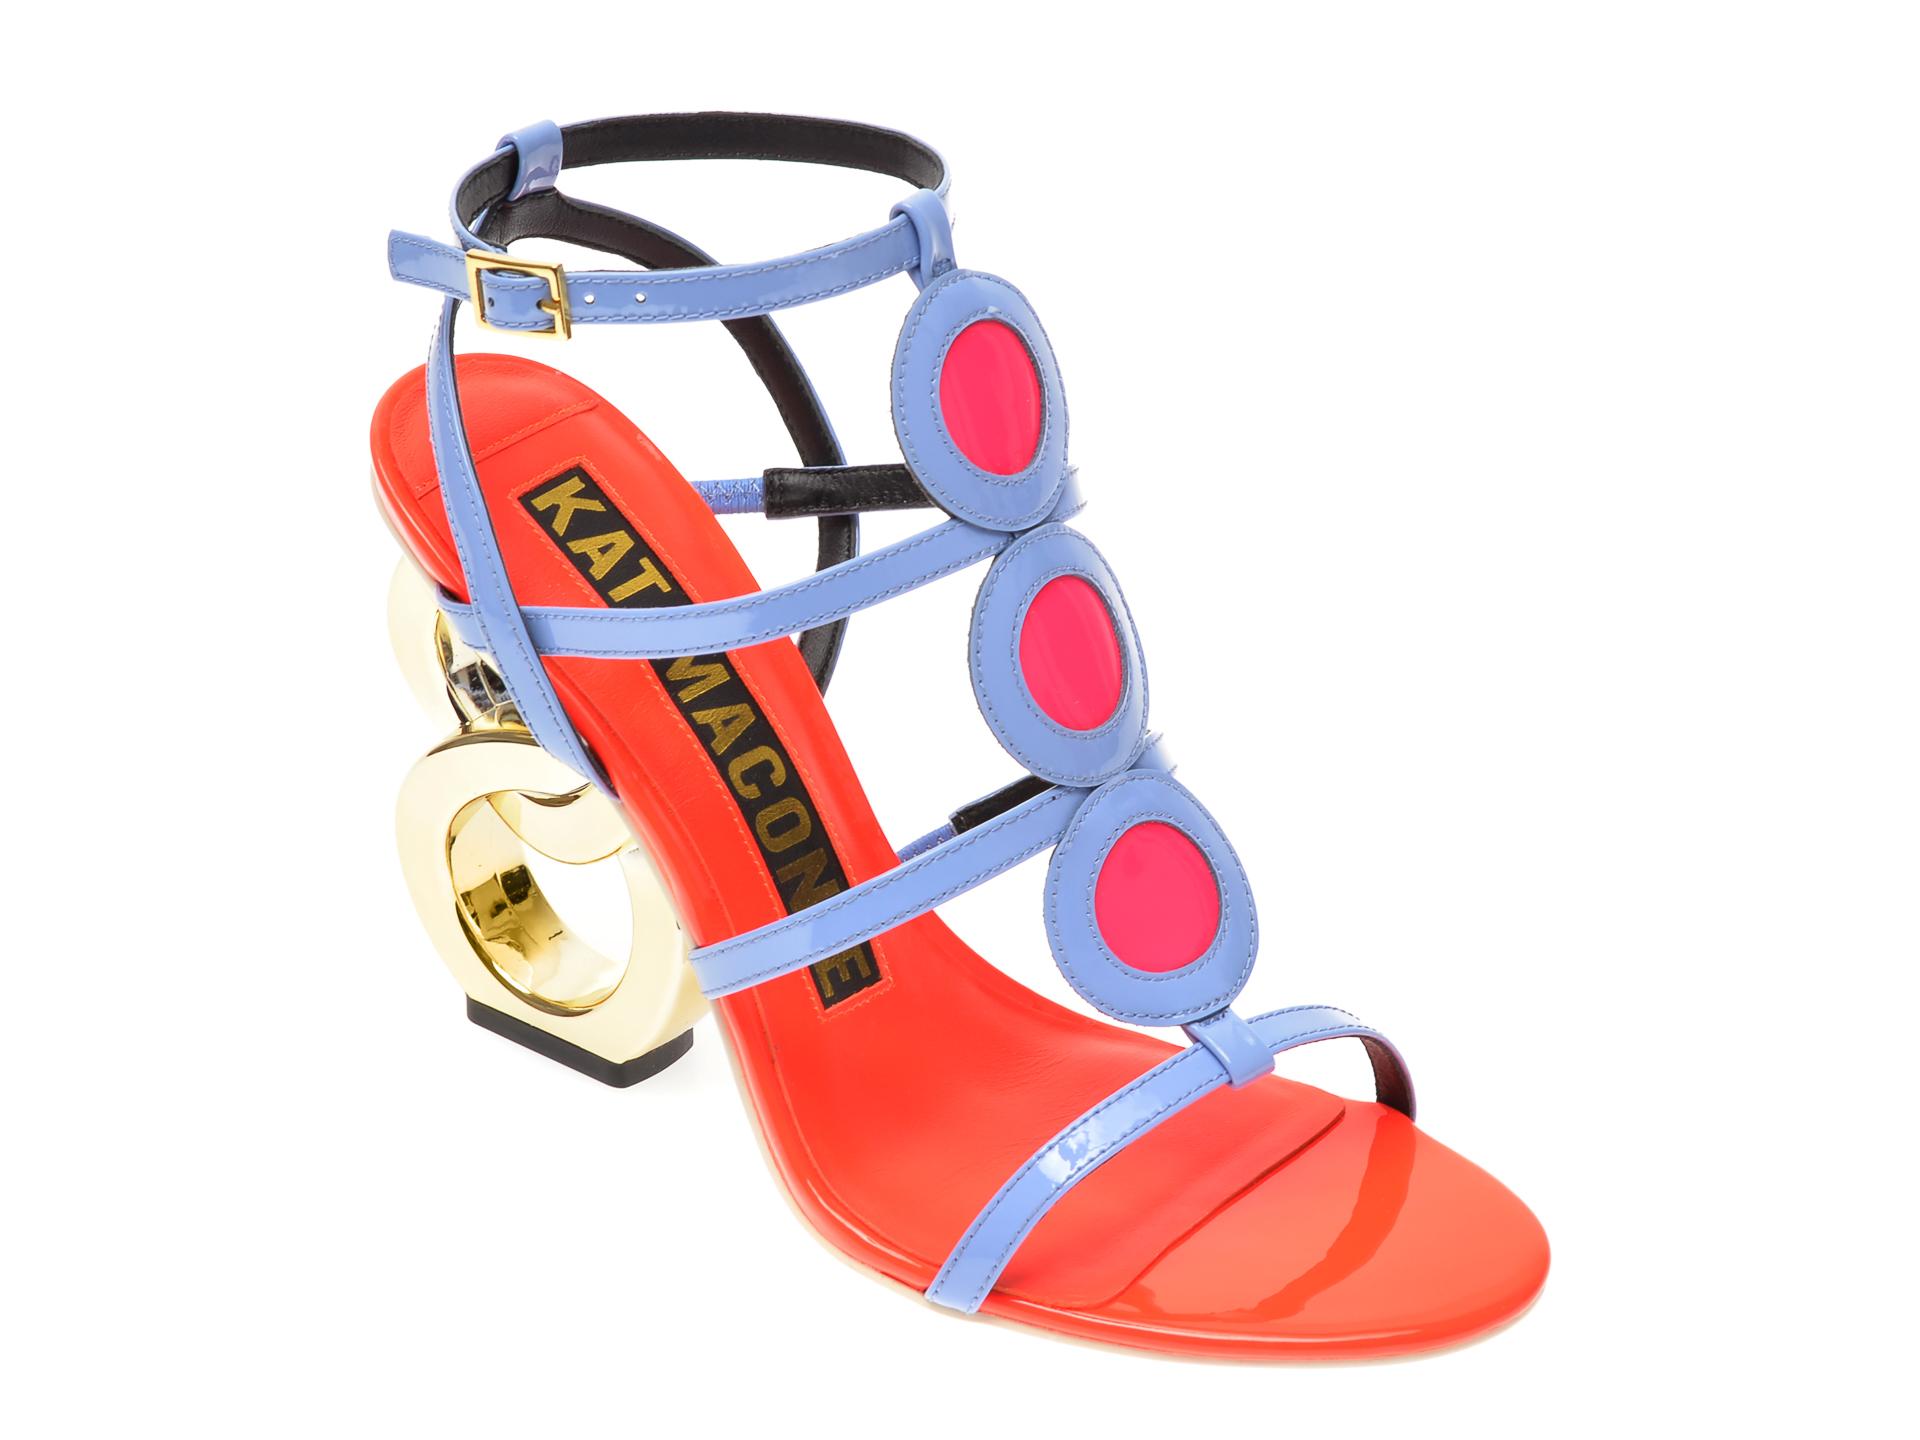 Sandale EPICA multicolor, TEZYO, din piele naturala New